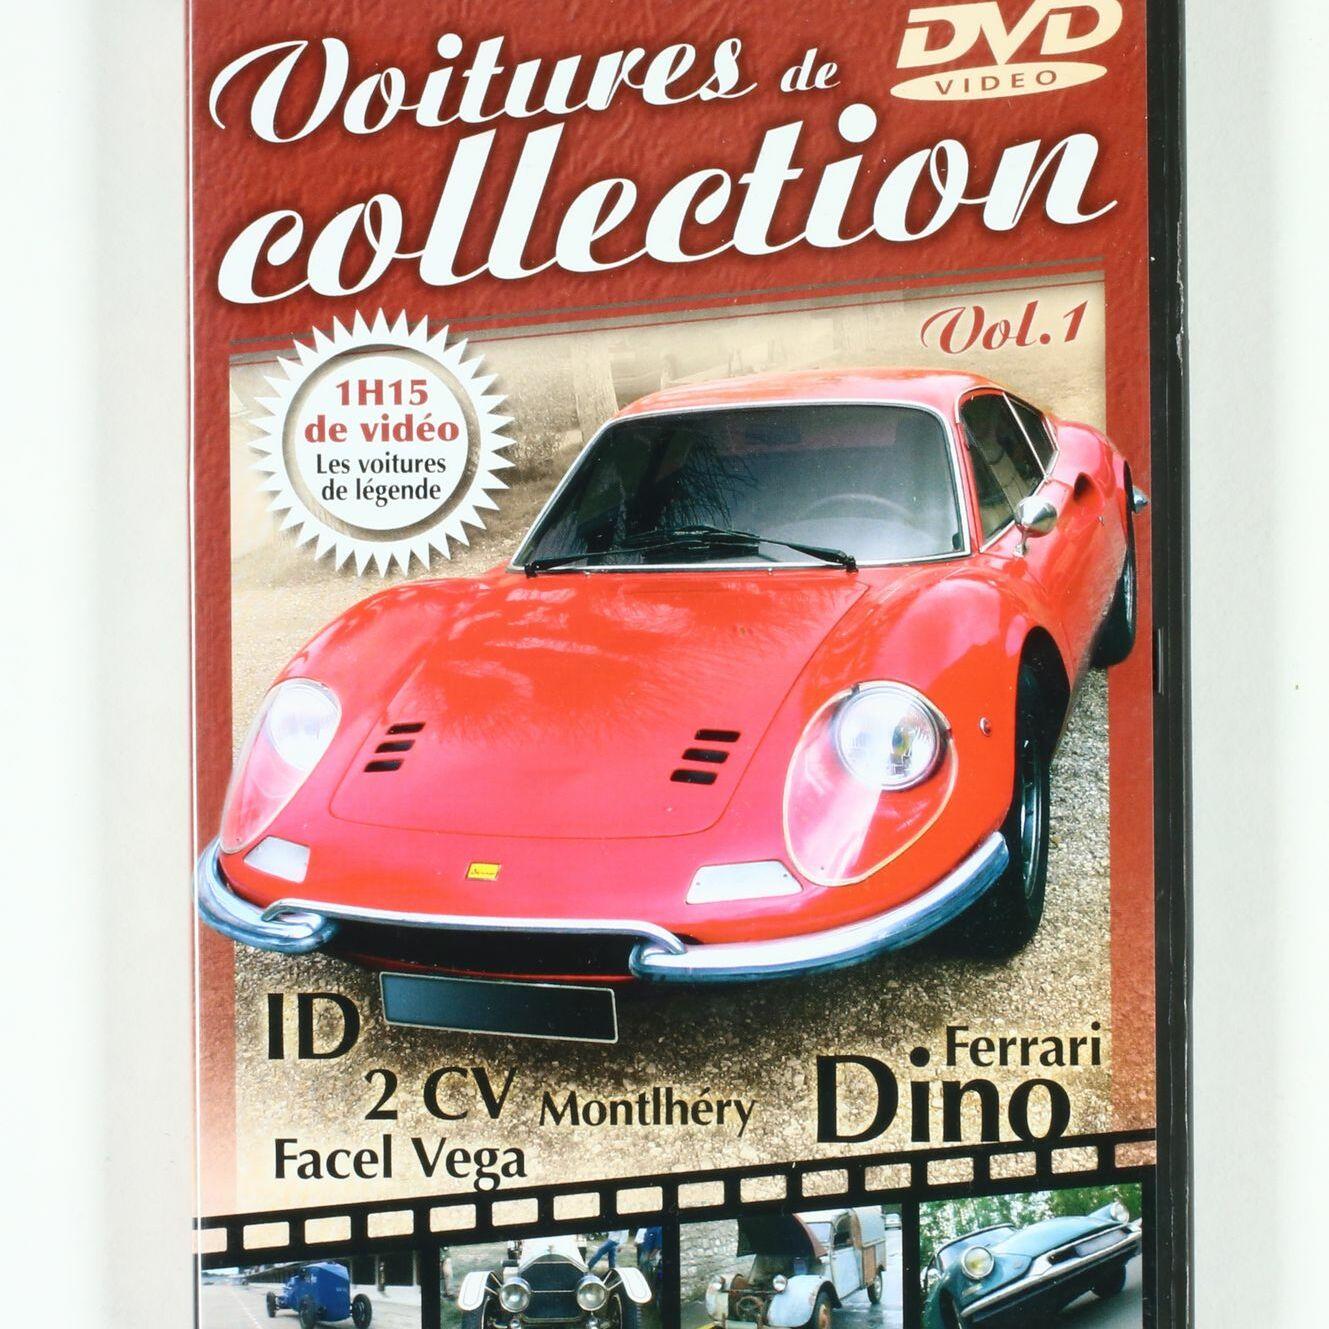 DVD Voitures de collection, Vol1